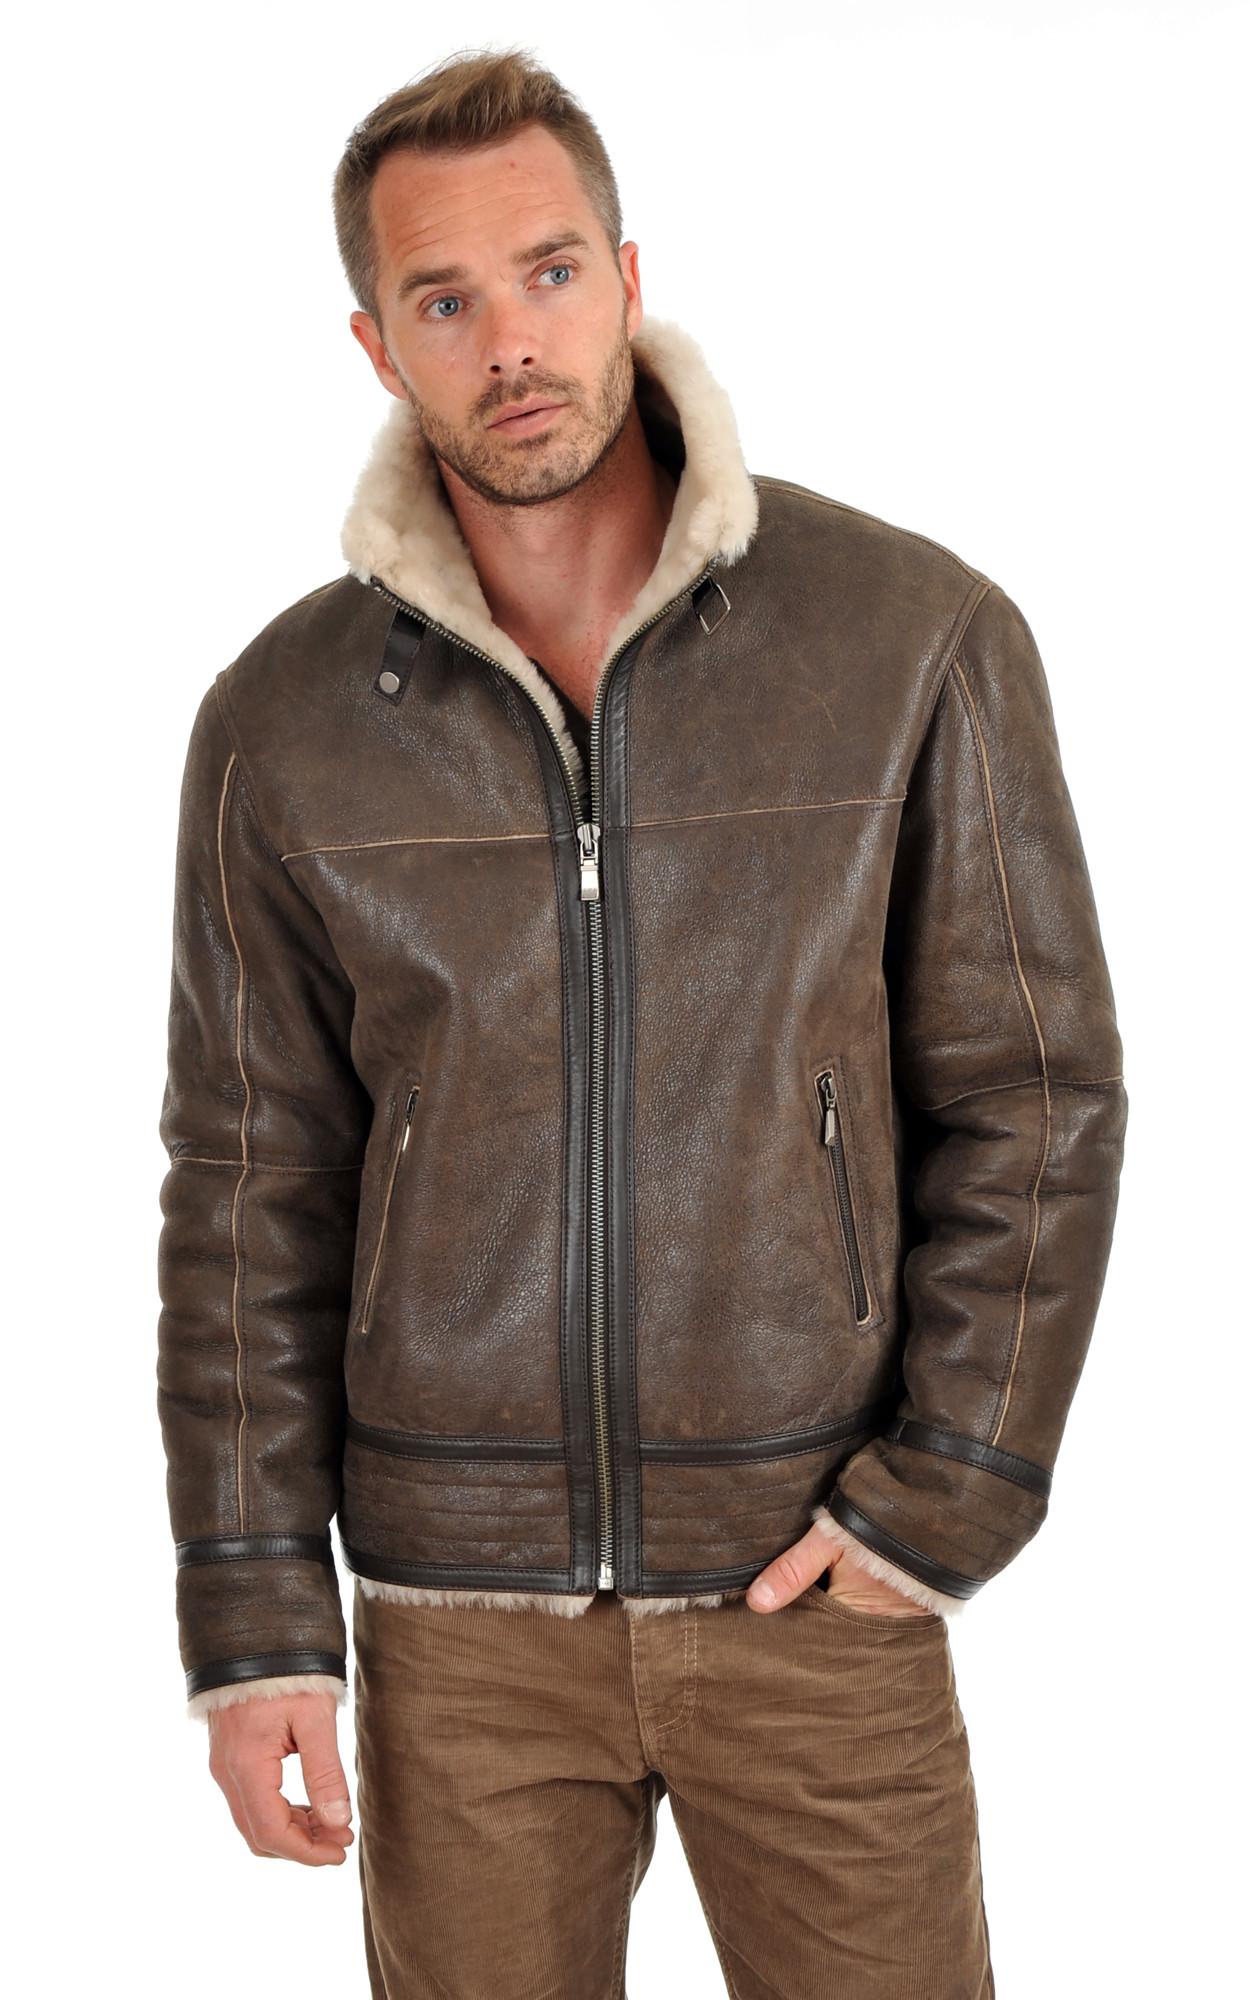 manteau en cuir h m homme manteaux populaires et branch s en france